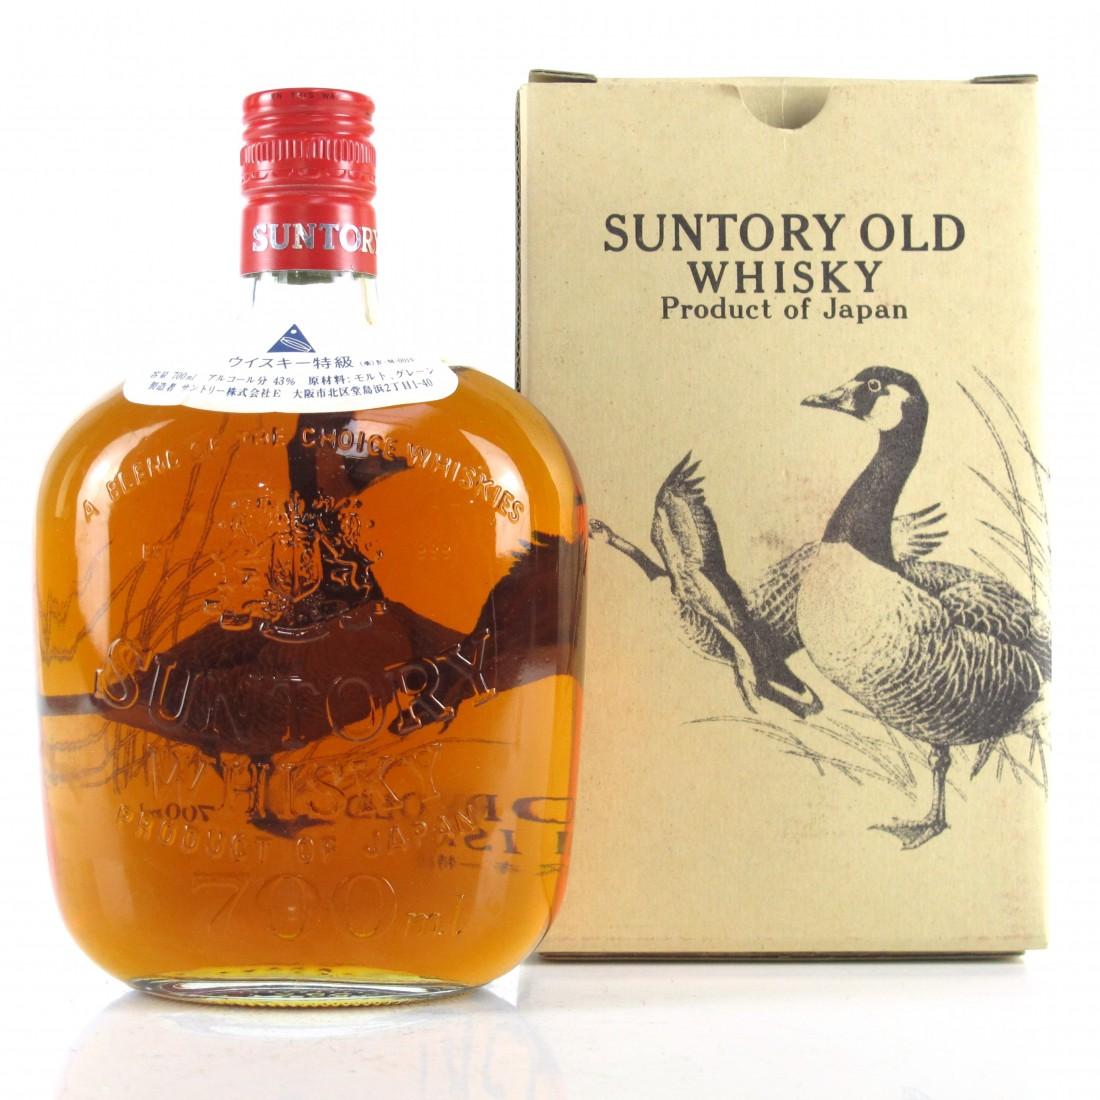 Suntory Old Whisky / Tsukuba Expo '85